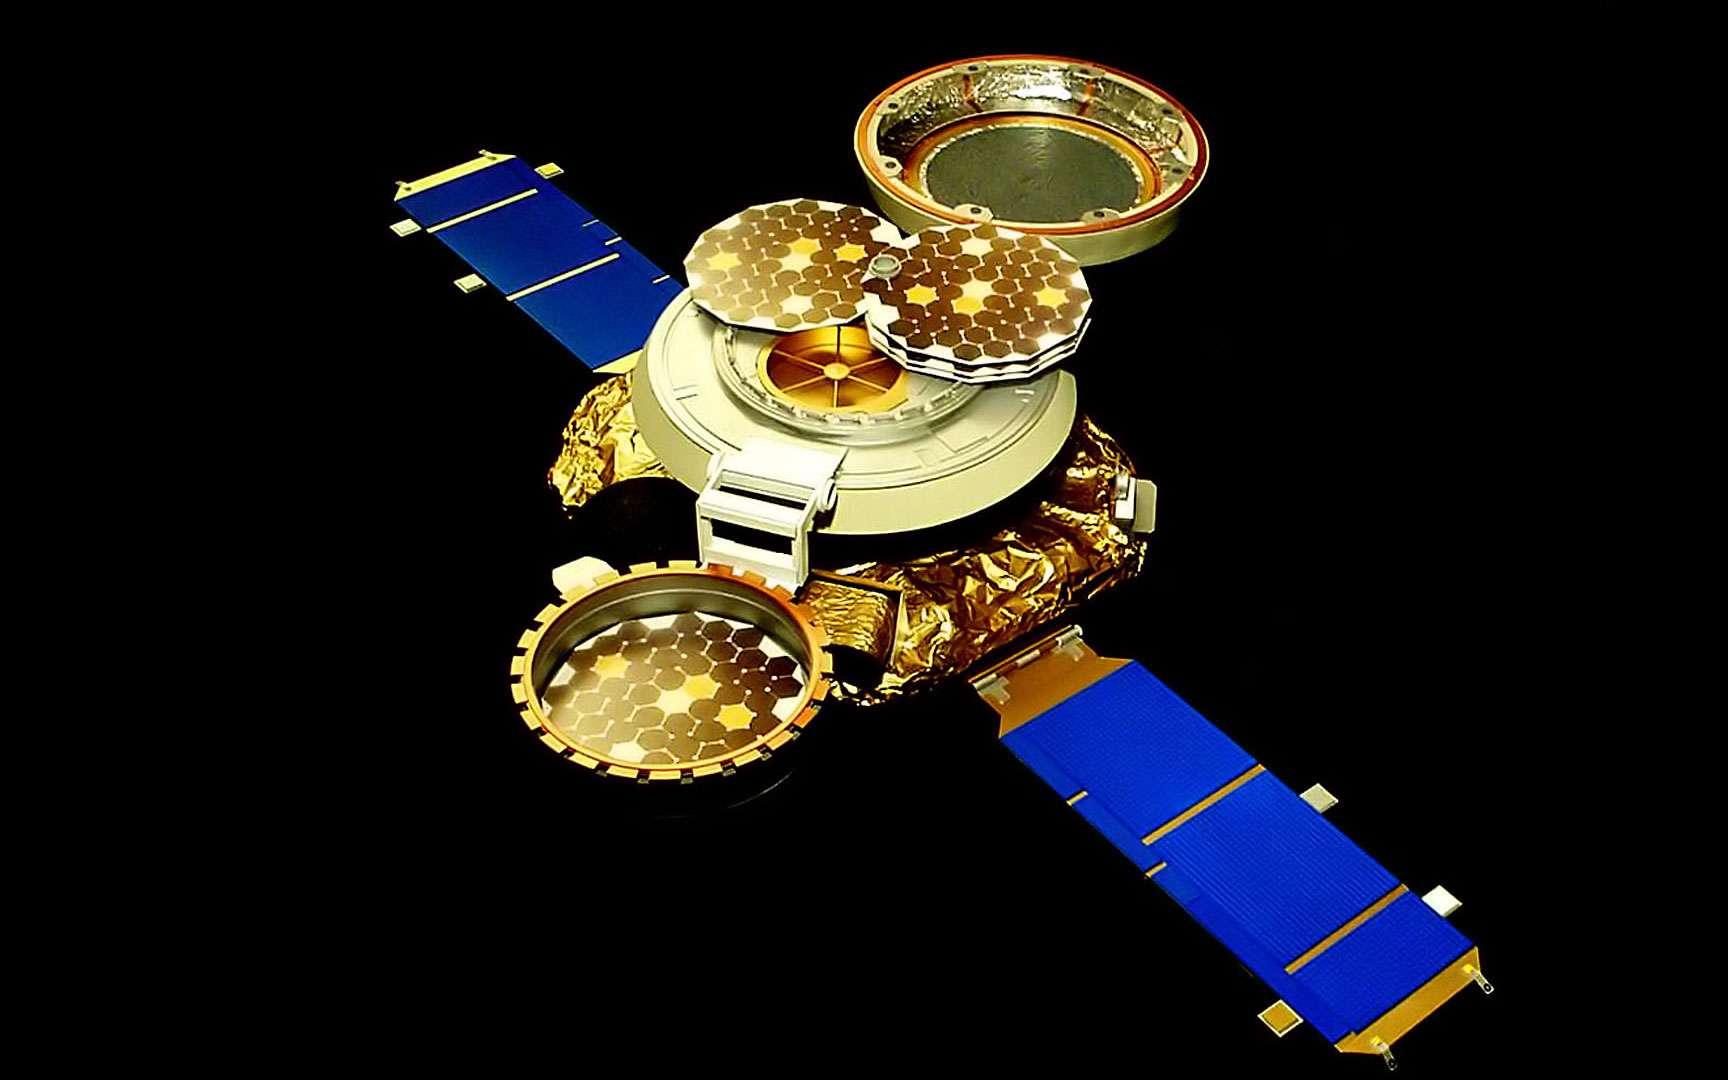 Genesis. Sonde américaine Genesis, chargée de ramener un échantillon de vent solaire. © NASA